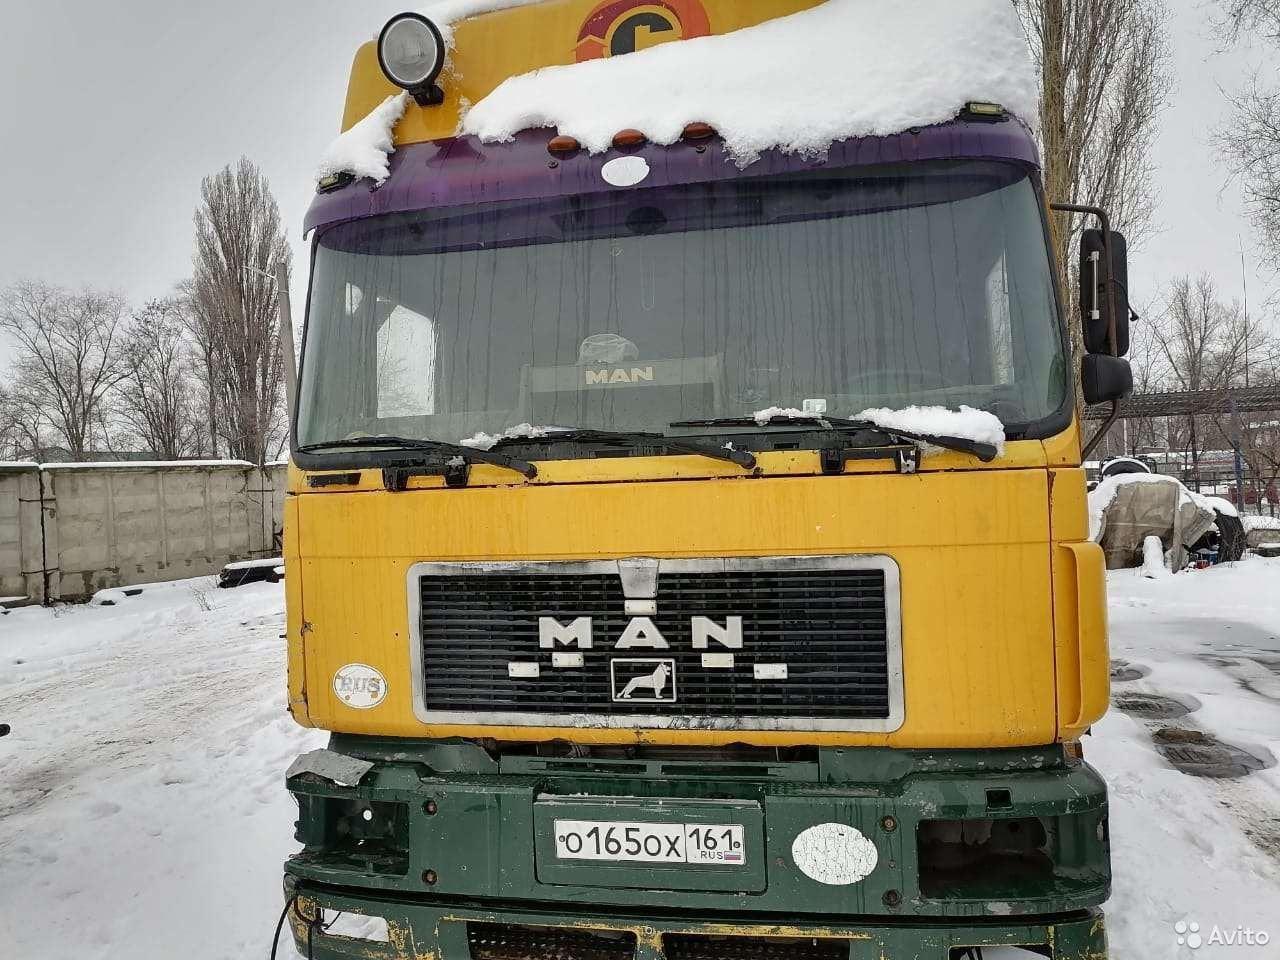 MAN-tweede-leven-in-Rusland-(3)